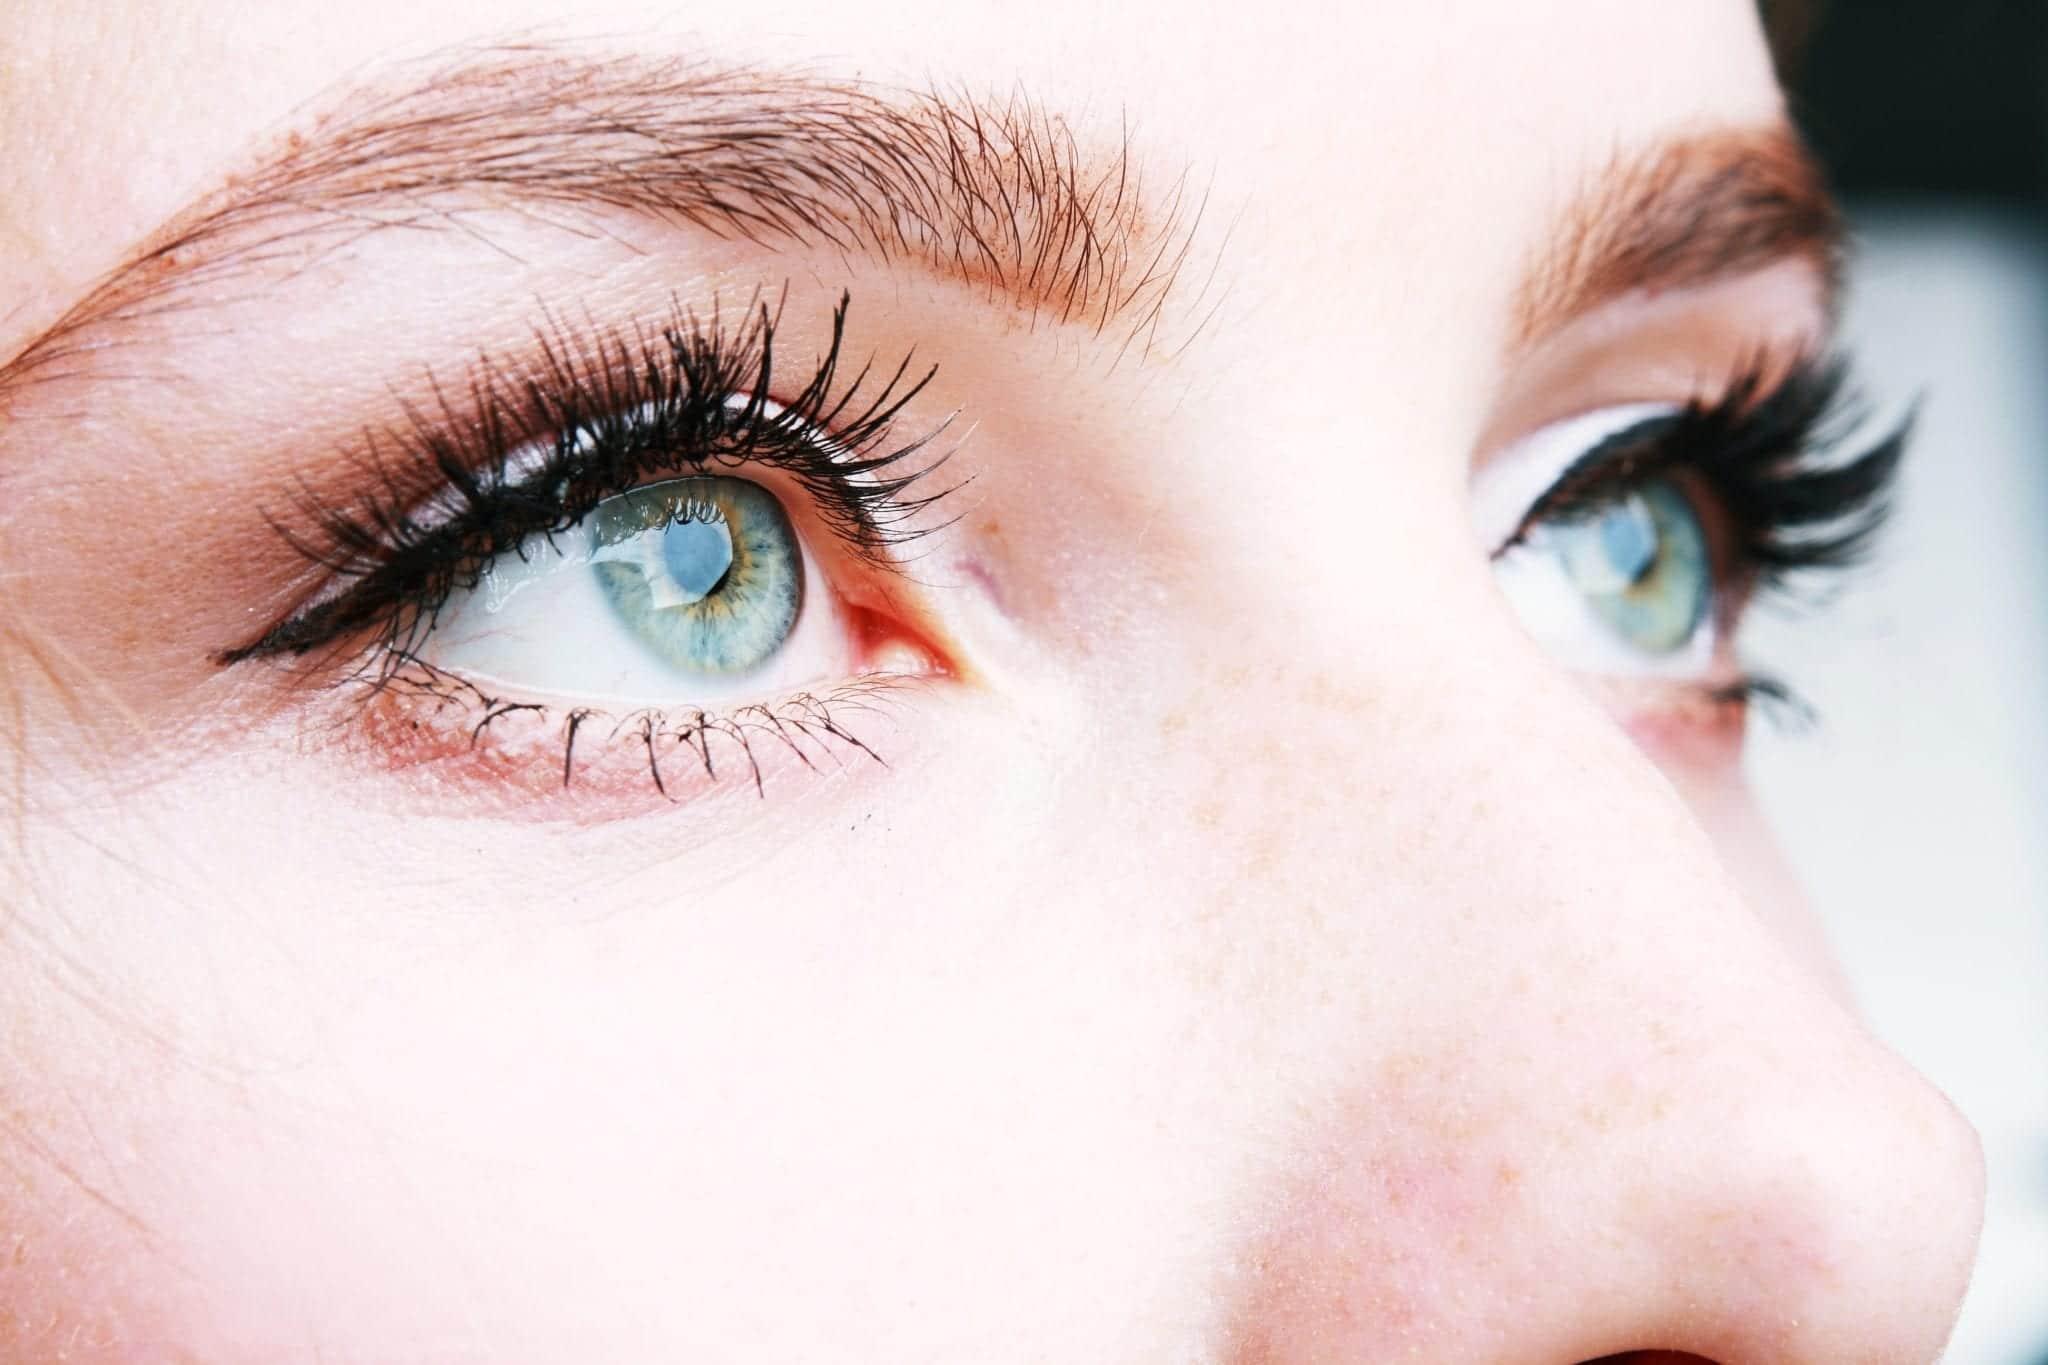 พฤติกรรมแบบไหนเสี่ยงทำให้เกิดอาการตาแห้งได้?